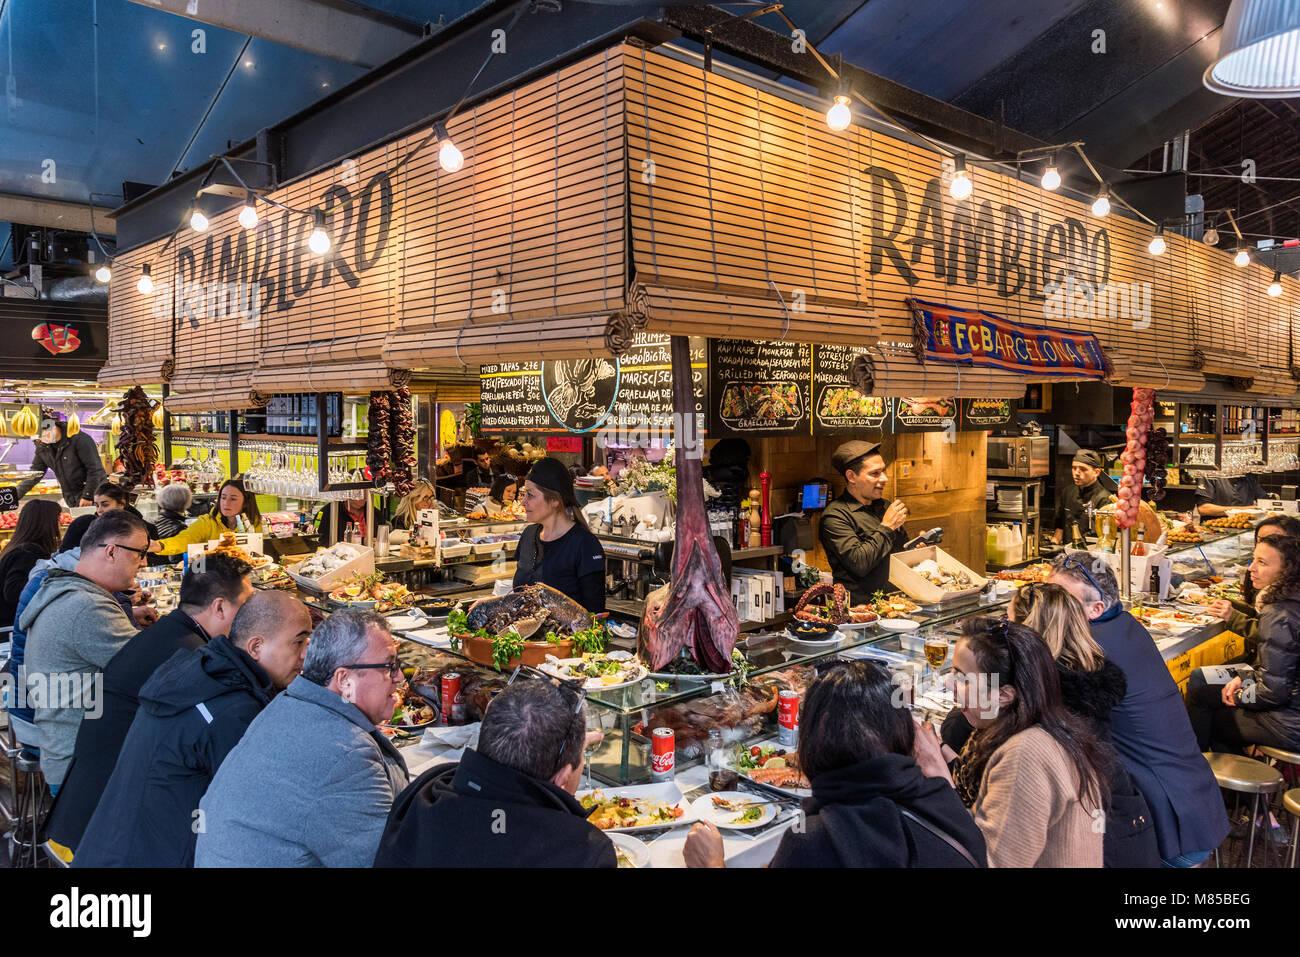 Los turistas comiendo en un bar de tapas en el mercado de la Boqueria, Barcelona, Cataluña, España Imagen De Stock